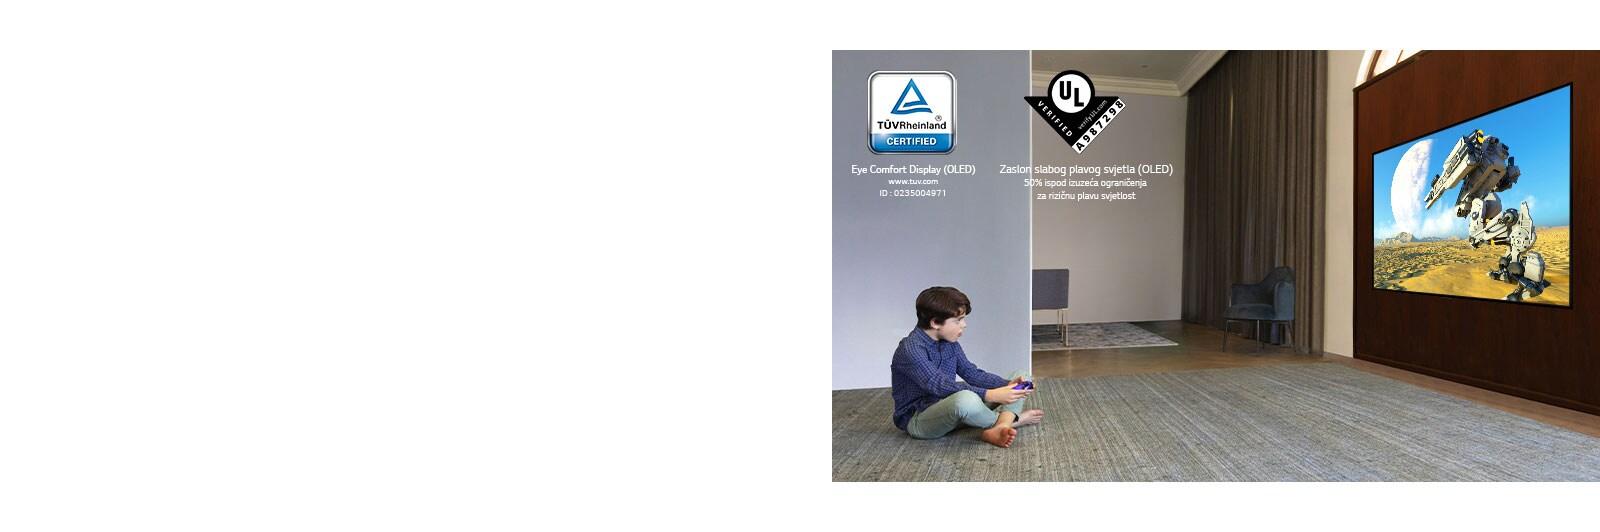 Otrok, ki je sedel na tleh, je držal krmilno palico in igral video igrico na televizijskem zaslonu